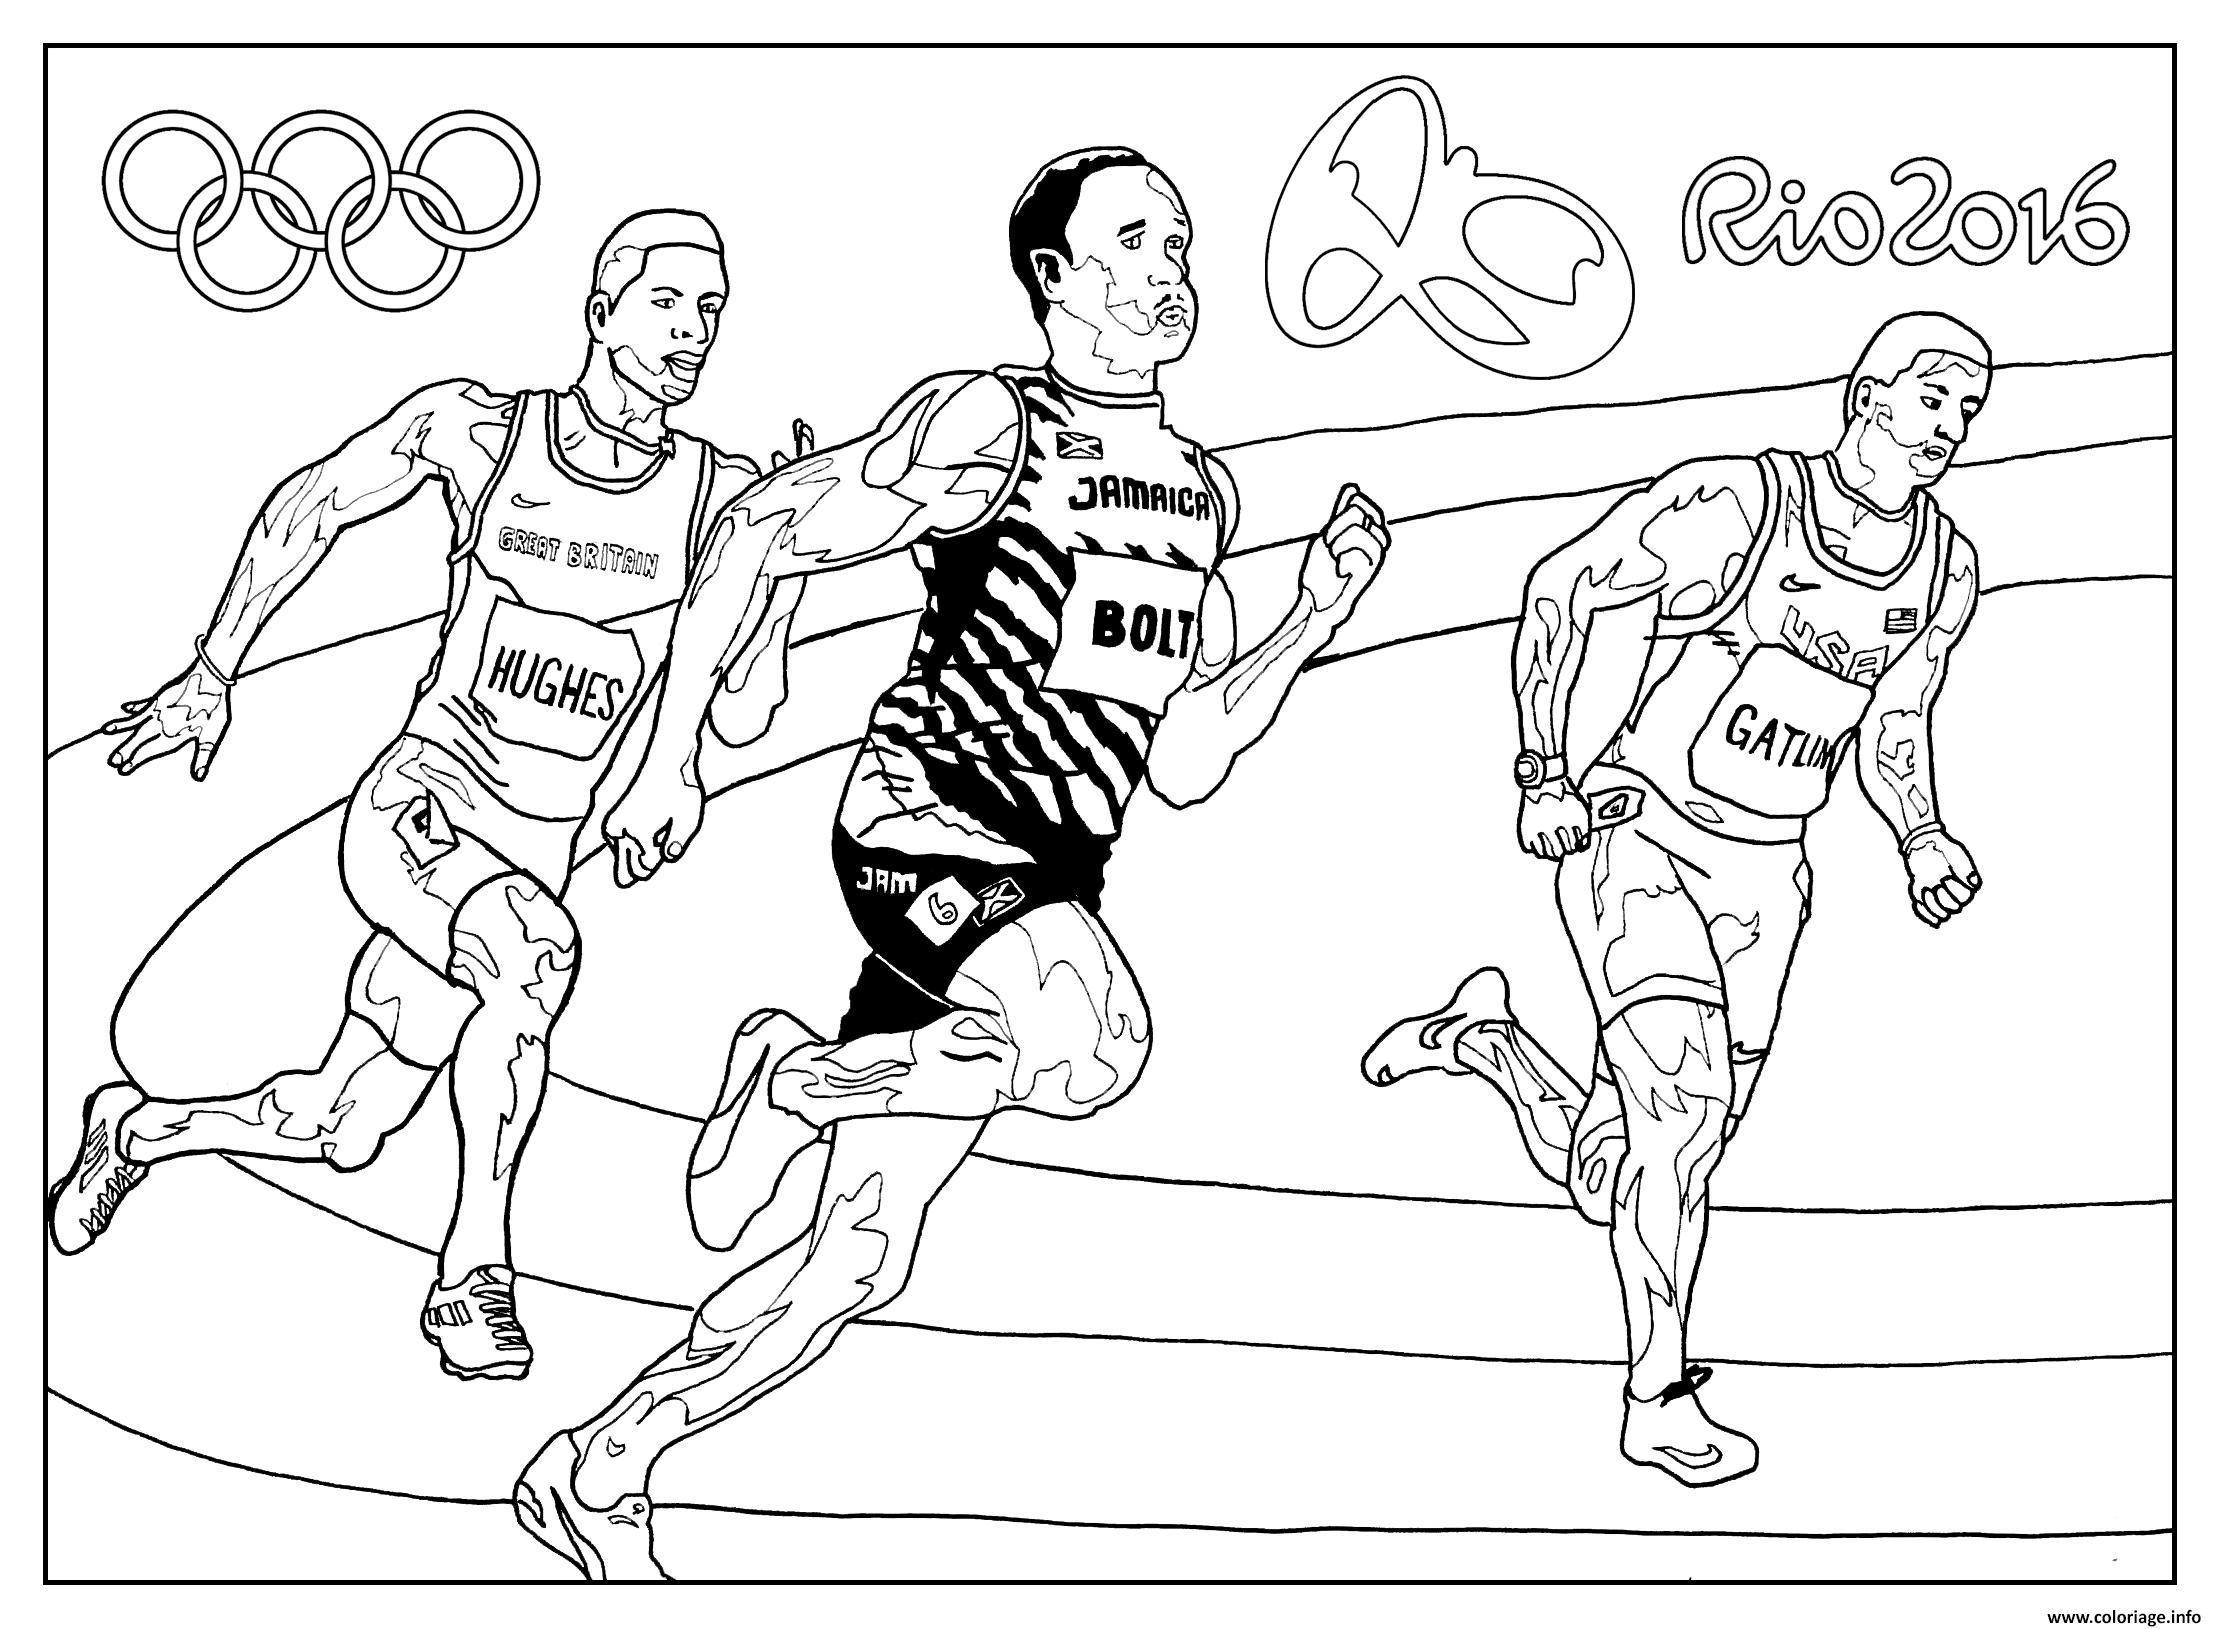 Dessin bolt hugues jeux olympiques rio 2016 athletisme Coloriage Gratuit à Imprimer